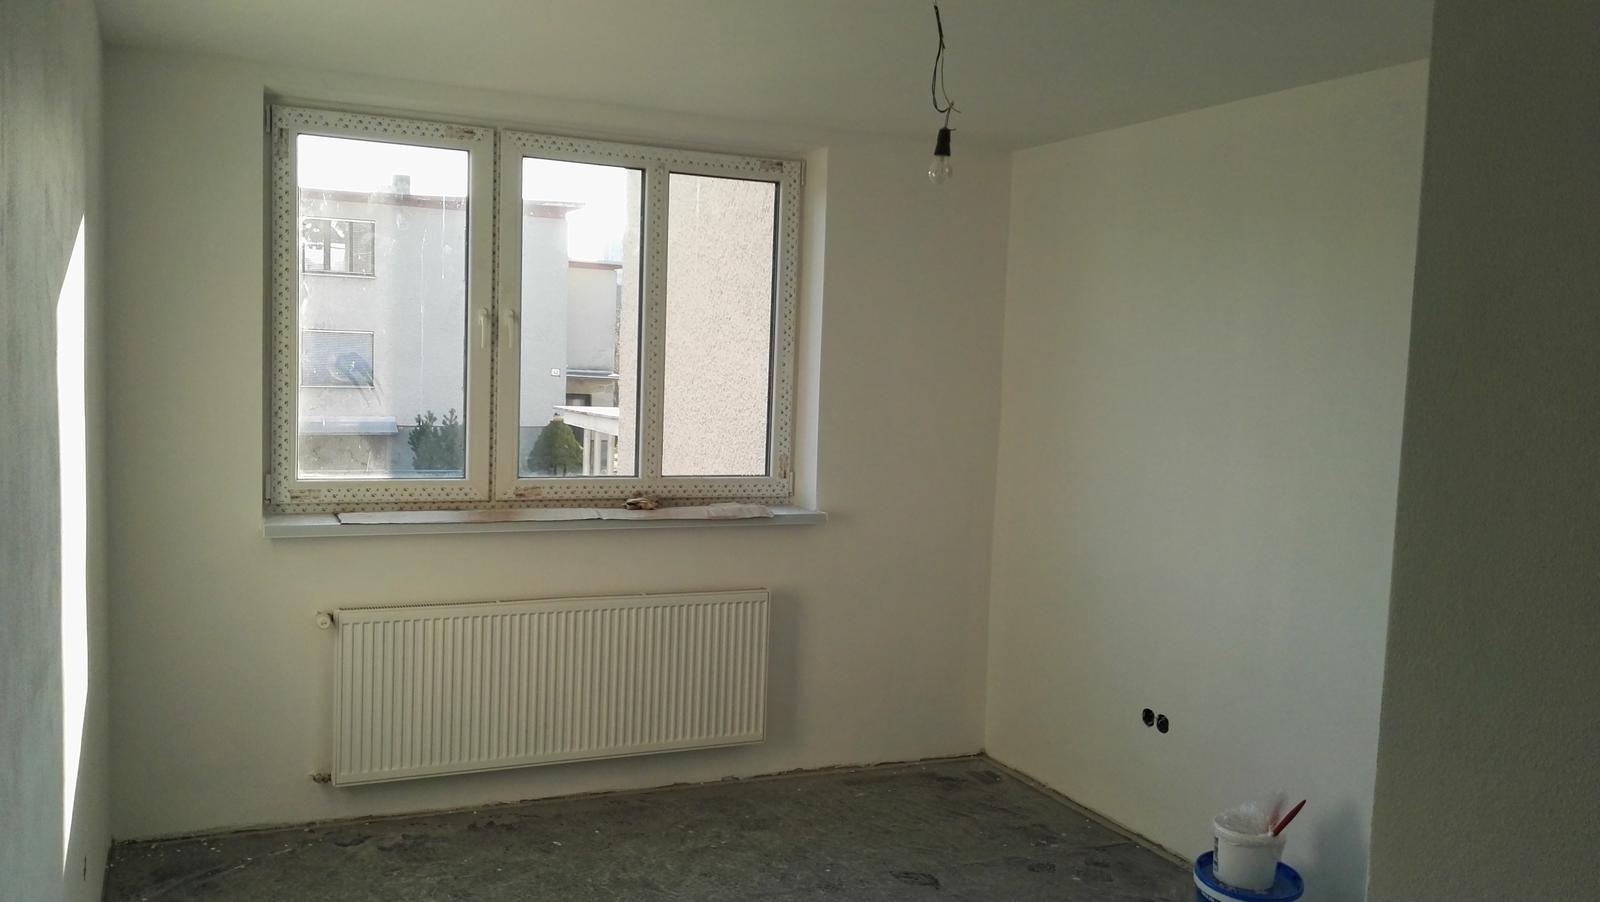 Projekt: Nové bývanie ... - ... izby vymaľované, chýba už len podlahu položiť...